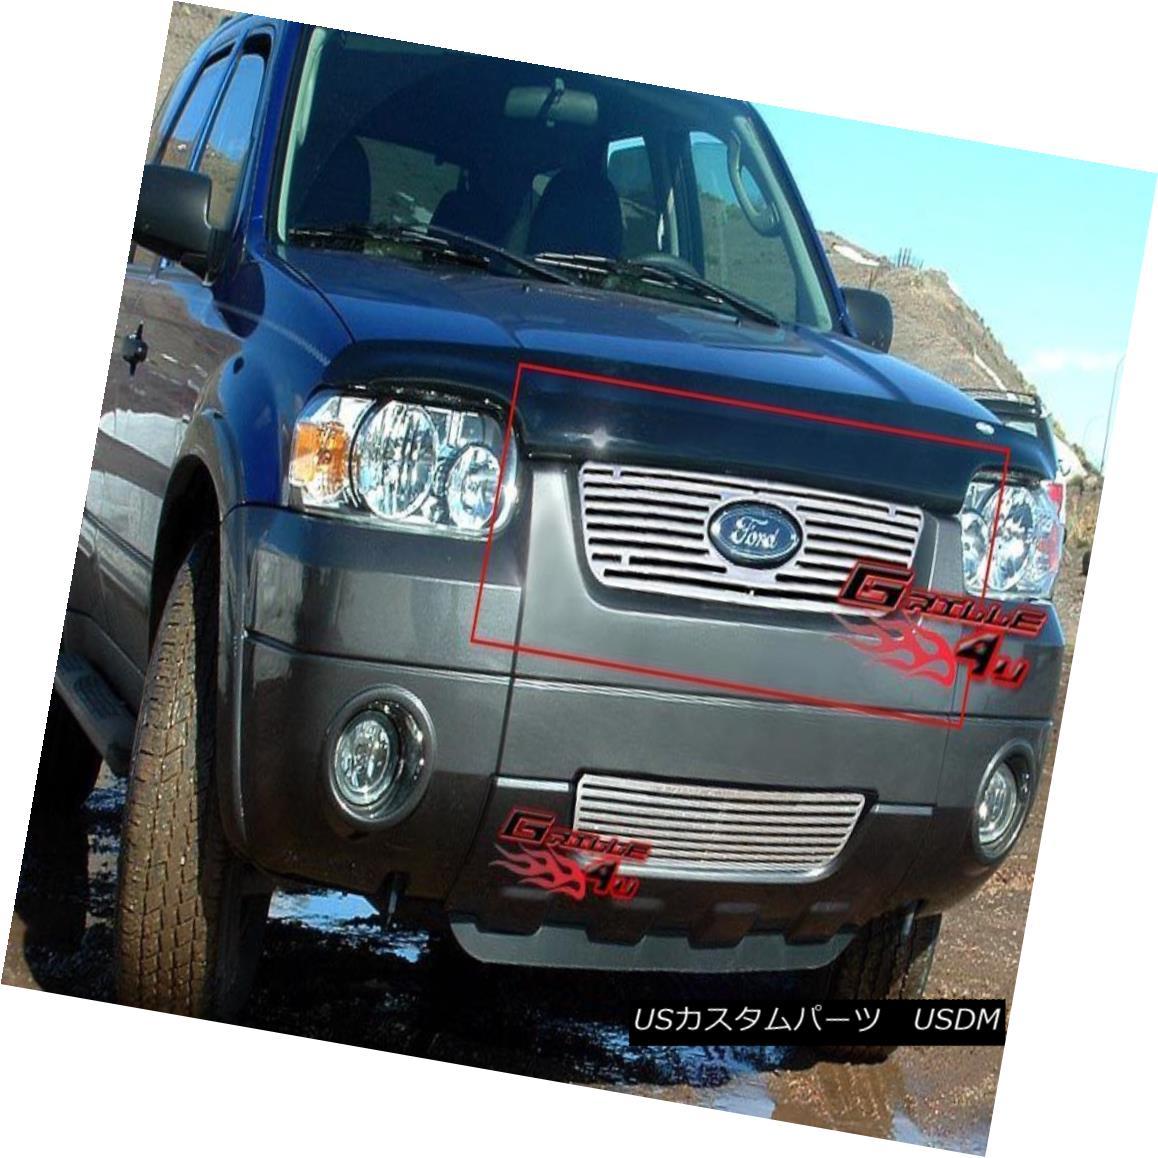 グリル Fits 2005-2007 Ford Escape Perimeter Grille Insert 2005-2007 Ford Escapeペリメーターグリルインサートに適合